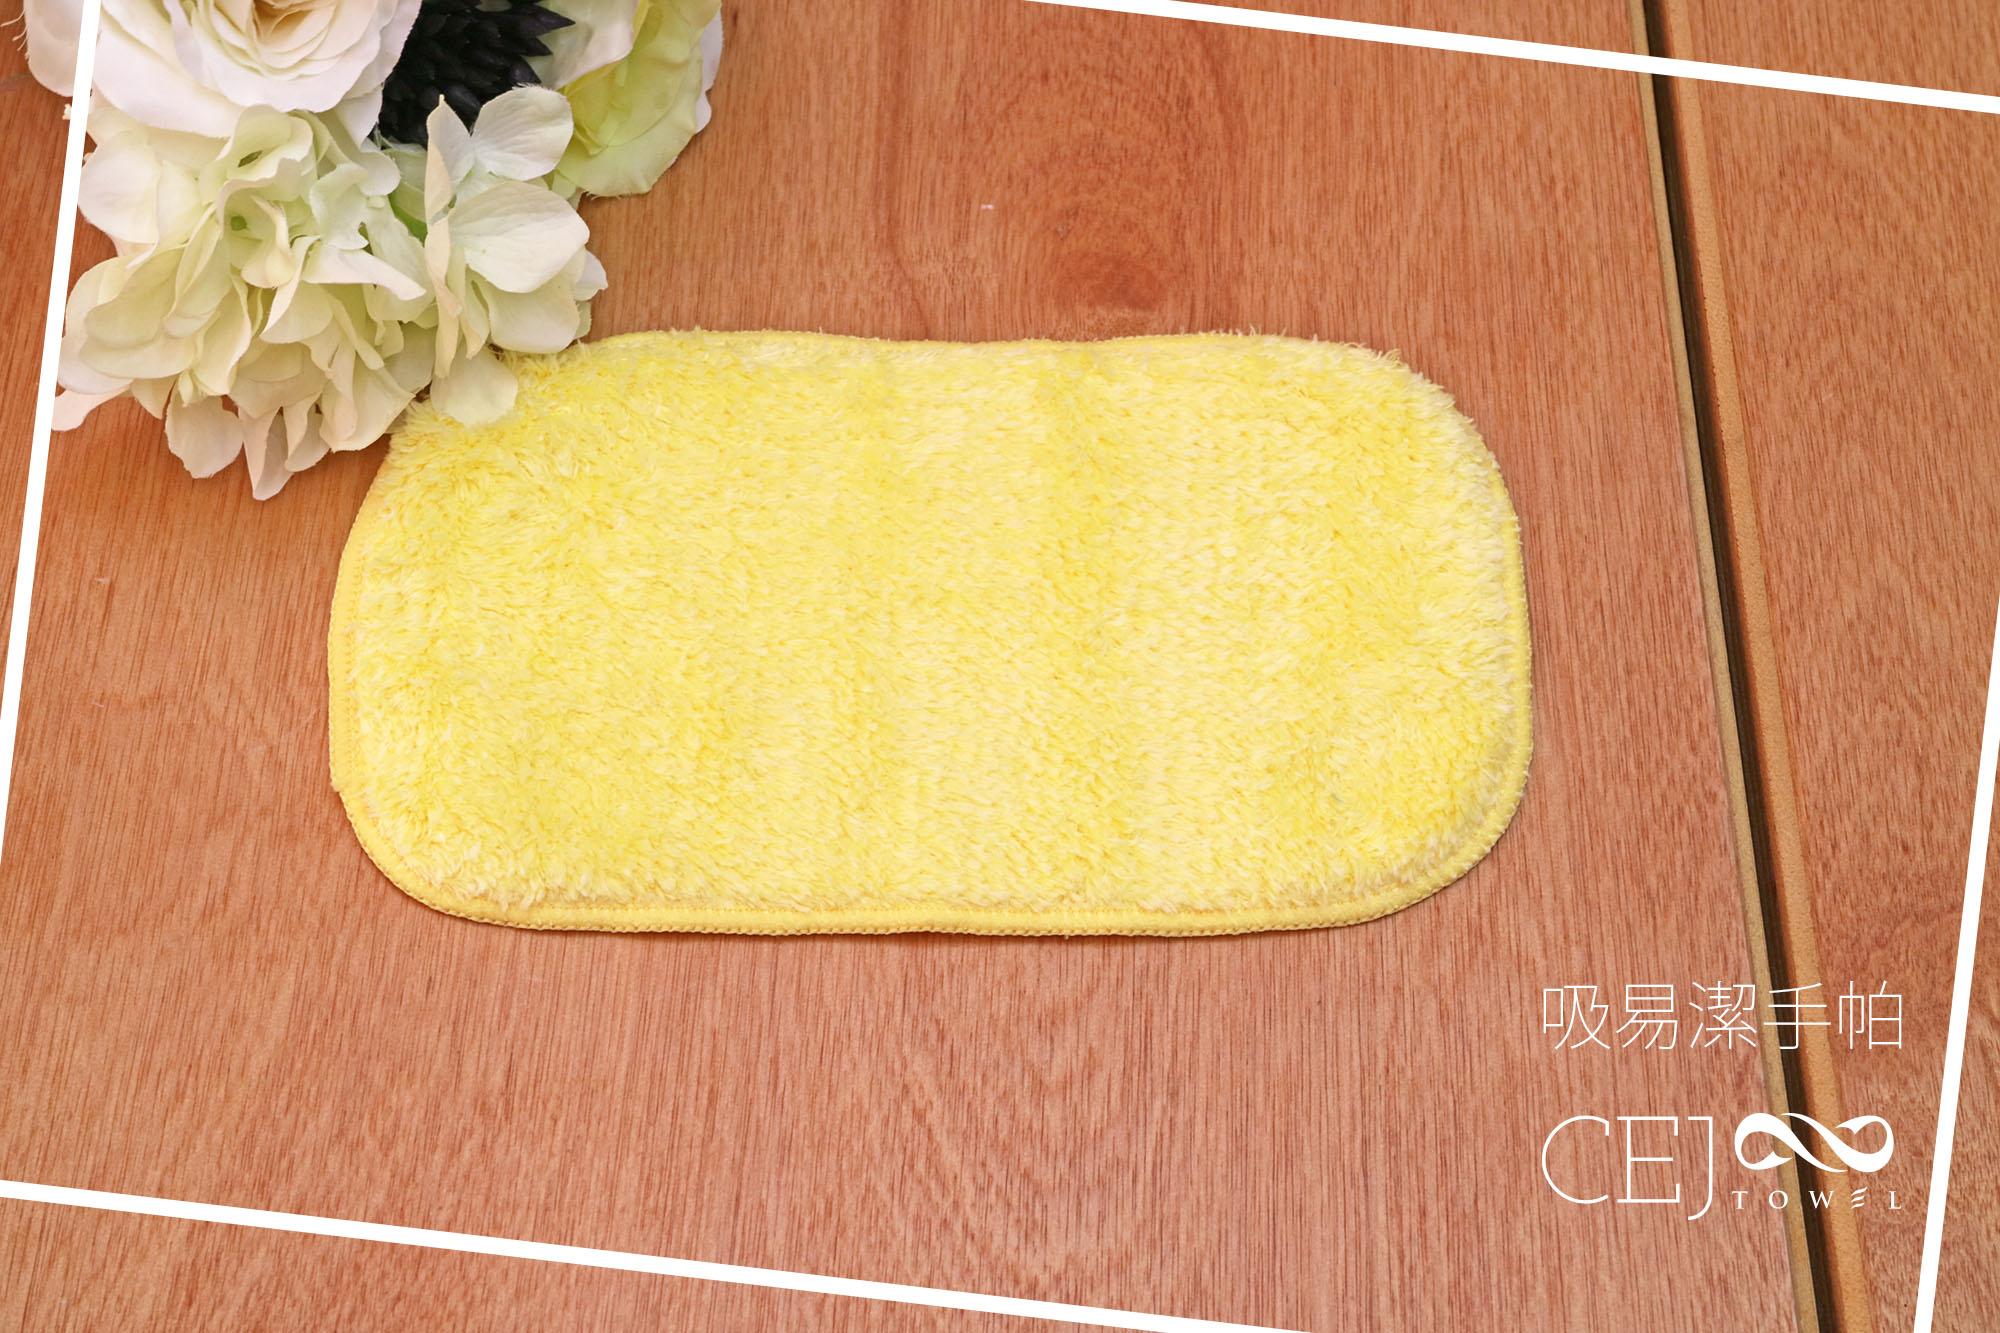 小手帕|吸易潔吸水毛巾系列|可擦拭眼鏡,手機銀幕 不怕刮傷